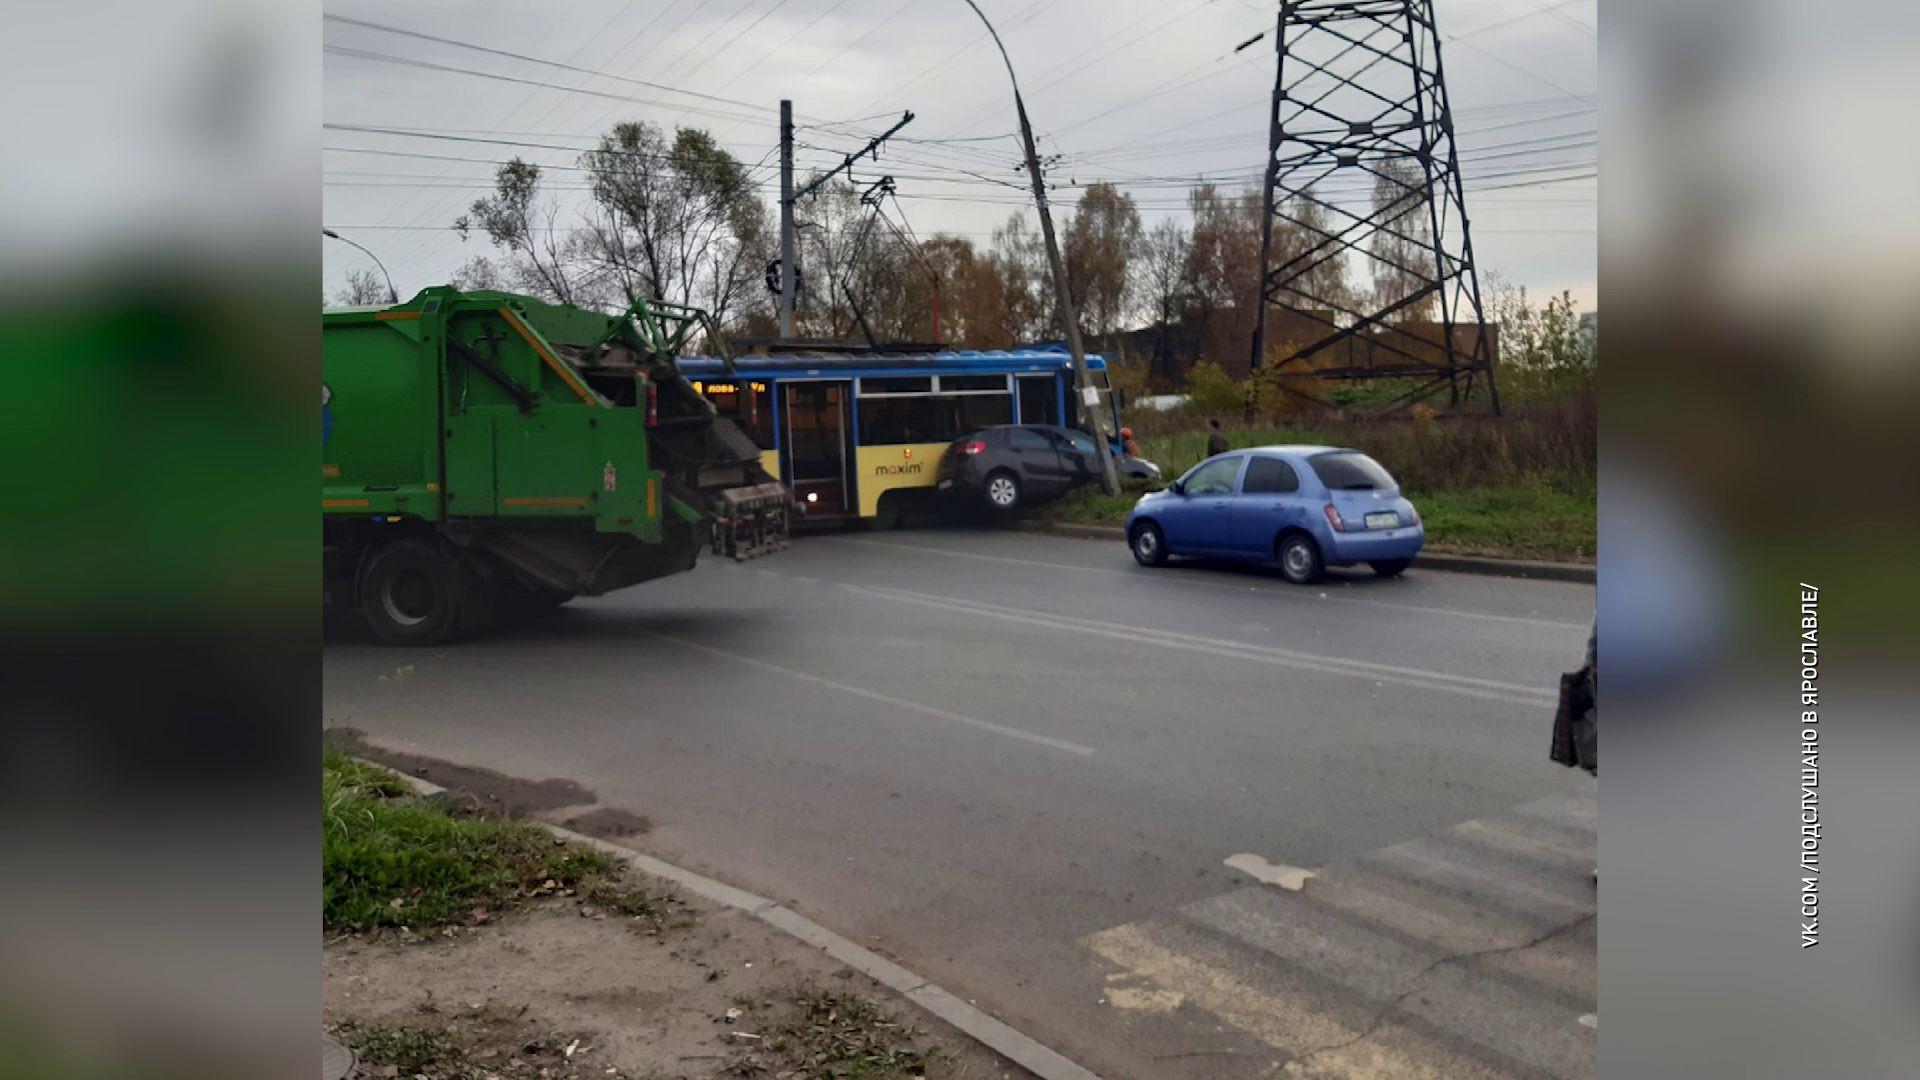 В Дзержинском районе столкнулись легковушка, трамвай и автобус